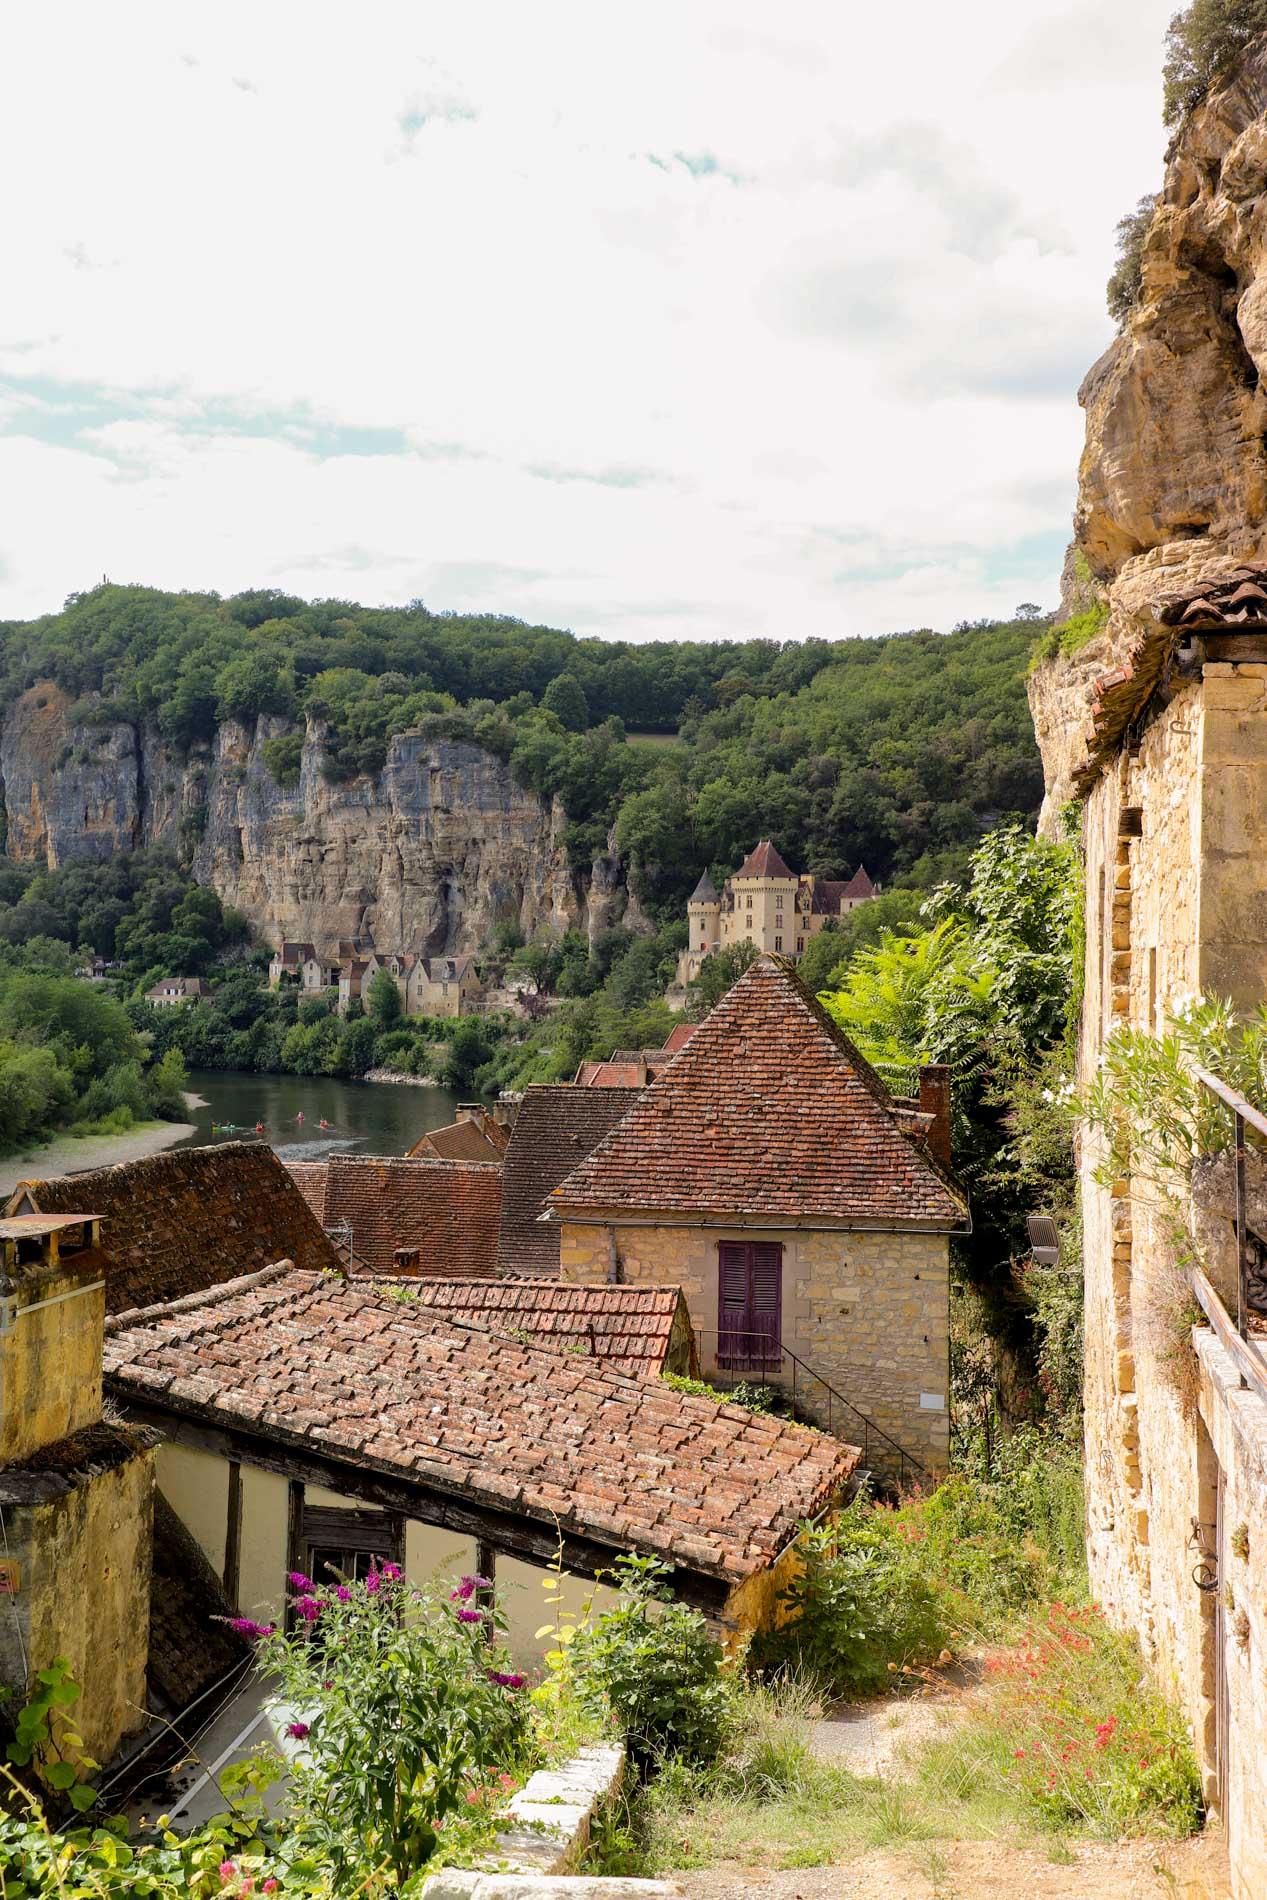 Ruelle de La Roque-Gageac